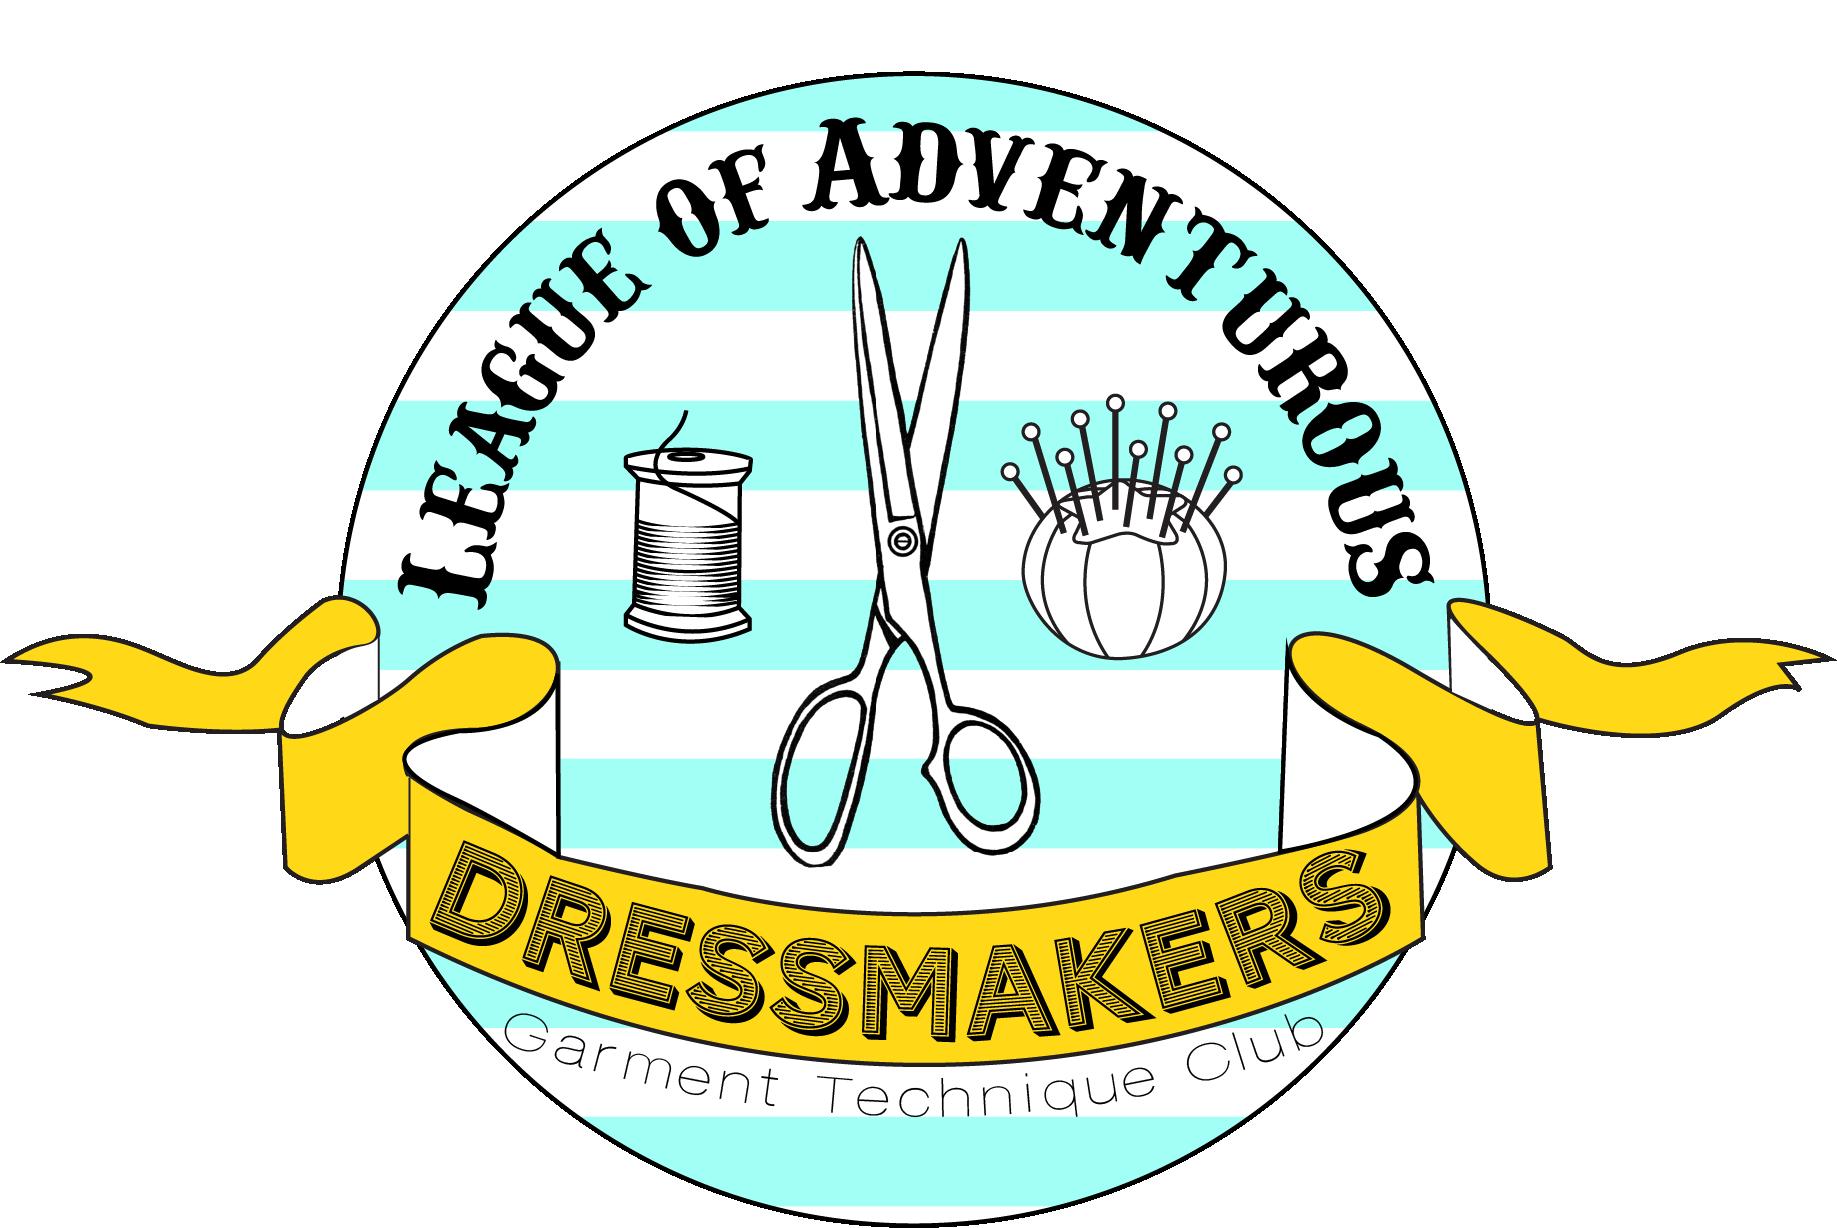 The league of adventurous. Quilt clipart dressmaking